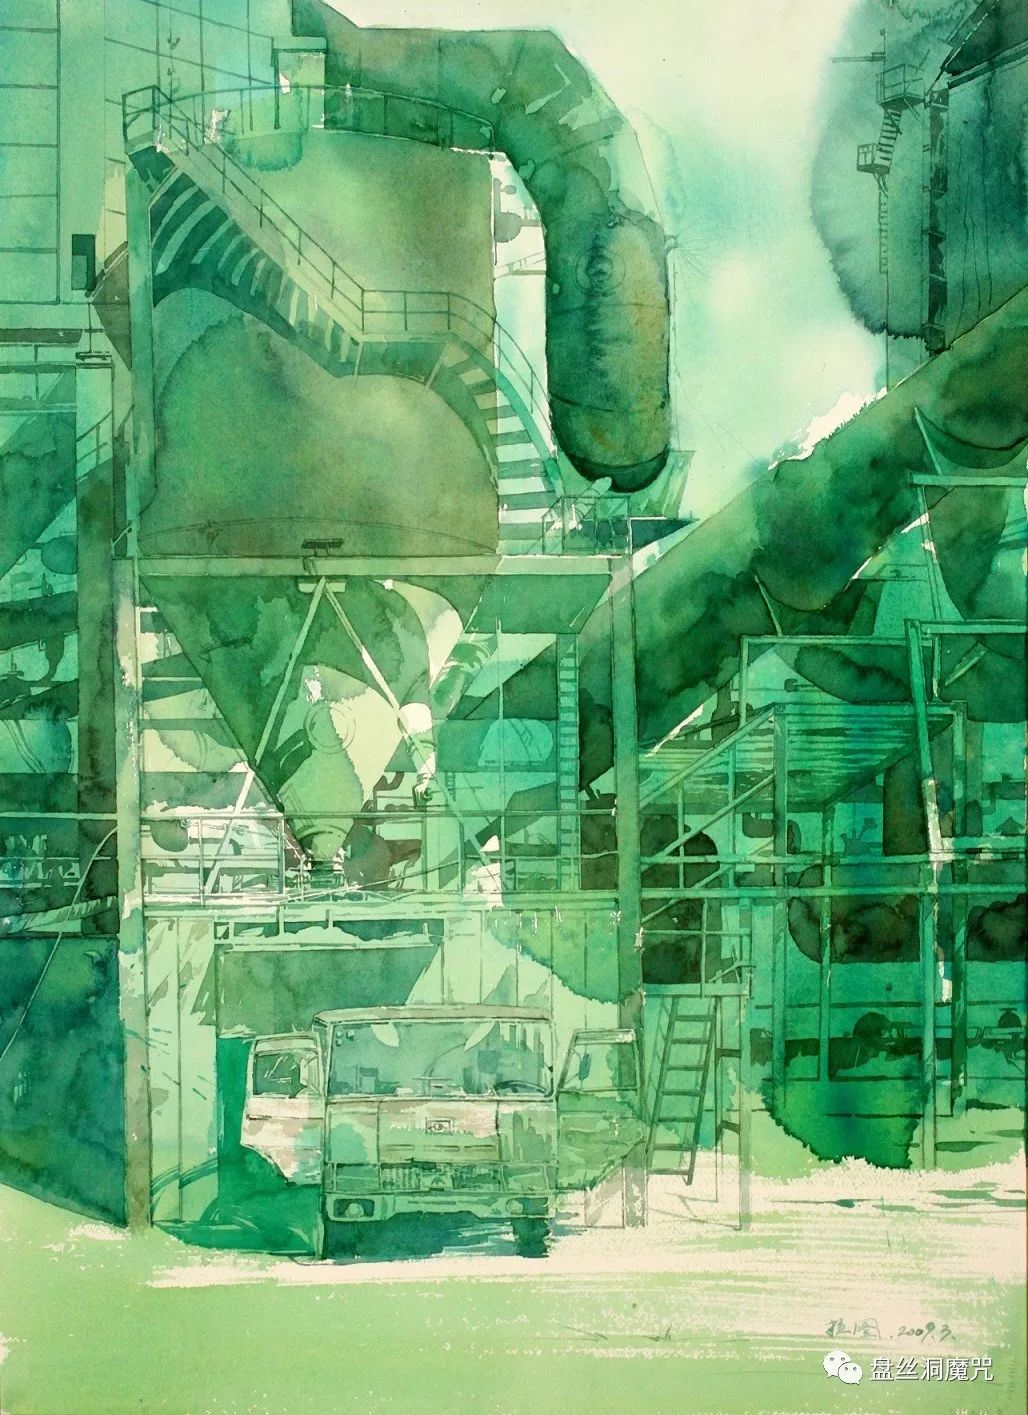 苏雅拉图水彩作品欣赏 第3张